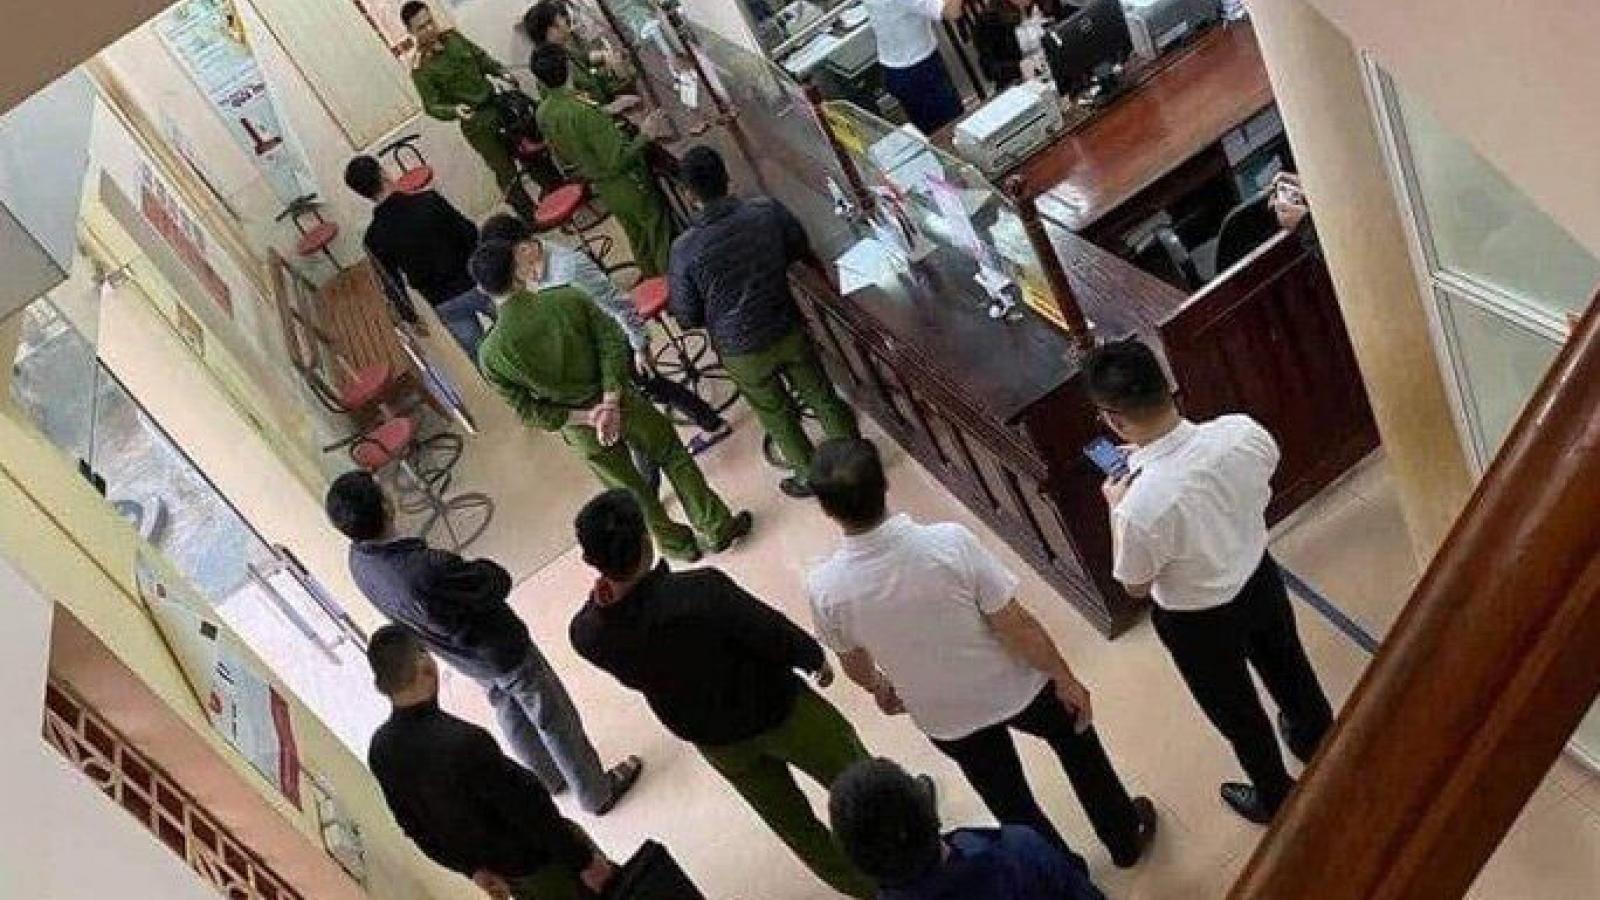 Bắt nghi phạm cướp ngân hàng ở Hòa Bình khi đang lẩn trốn ở Hà Nội